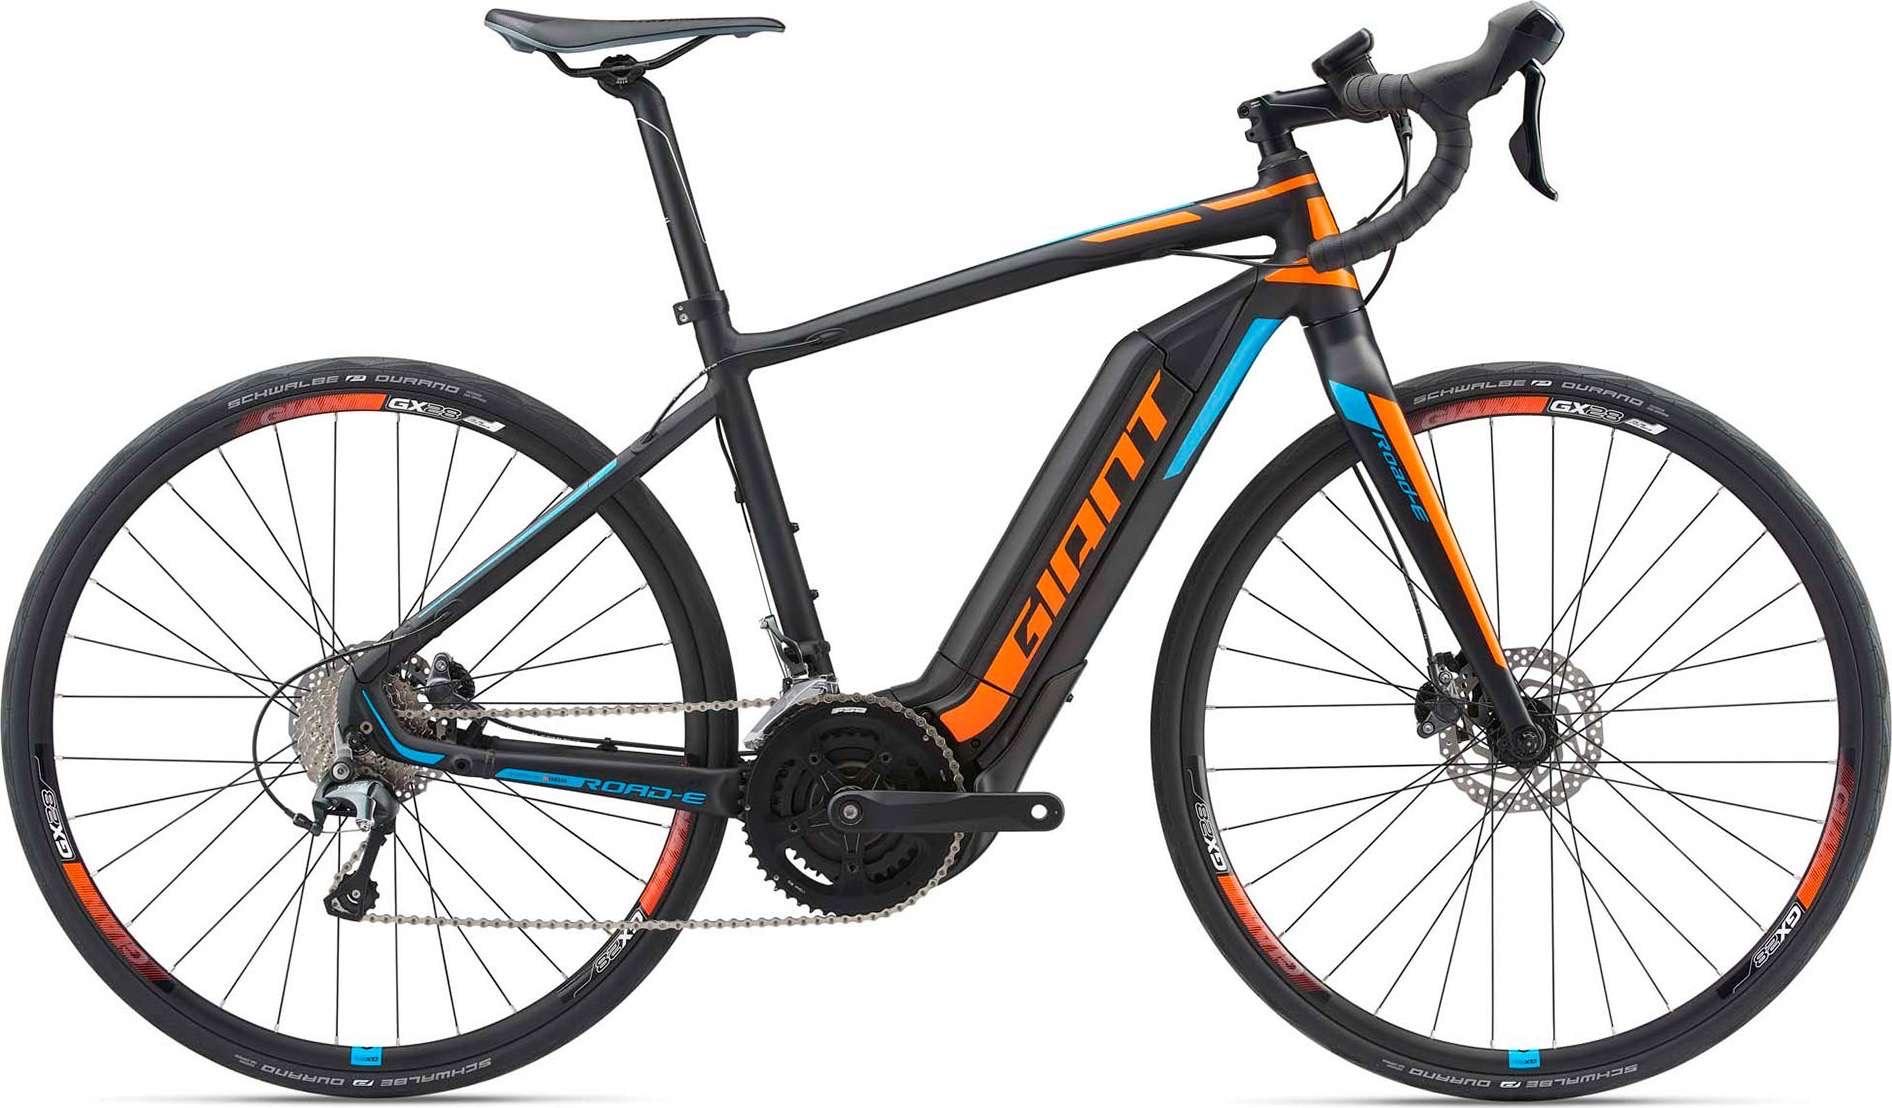 Sélection de vélos route Giant en promotion - Ex : Vélo de route à assistance électrique Giant Road E+3 (giant-bicycles.com)